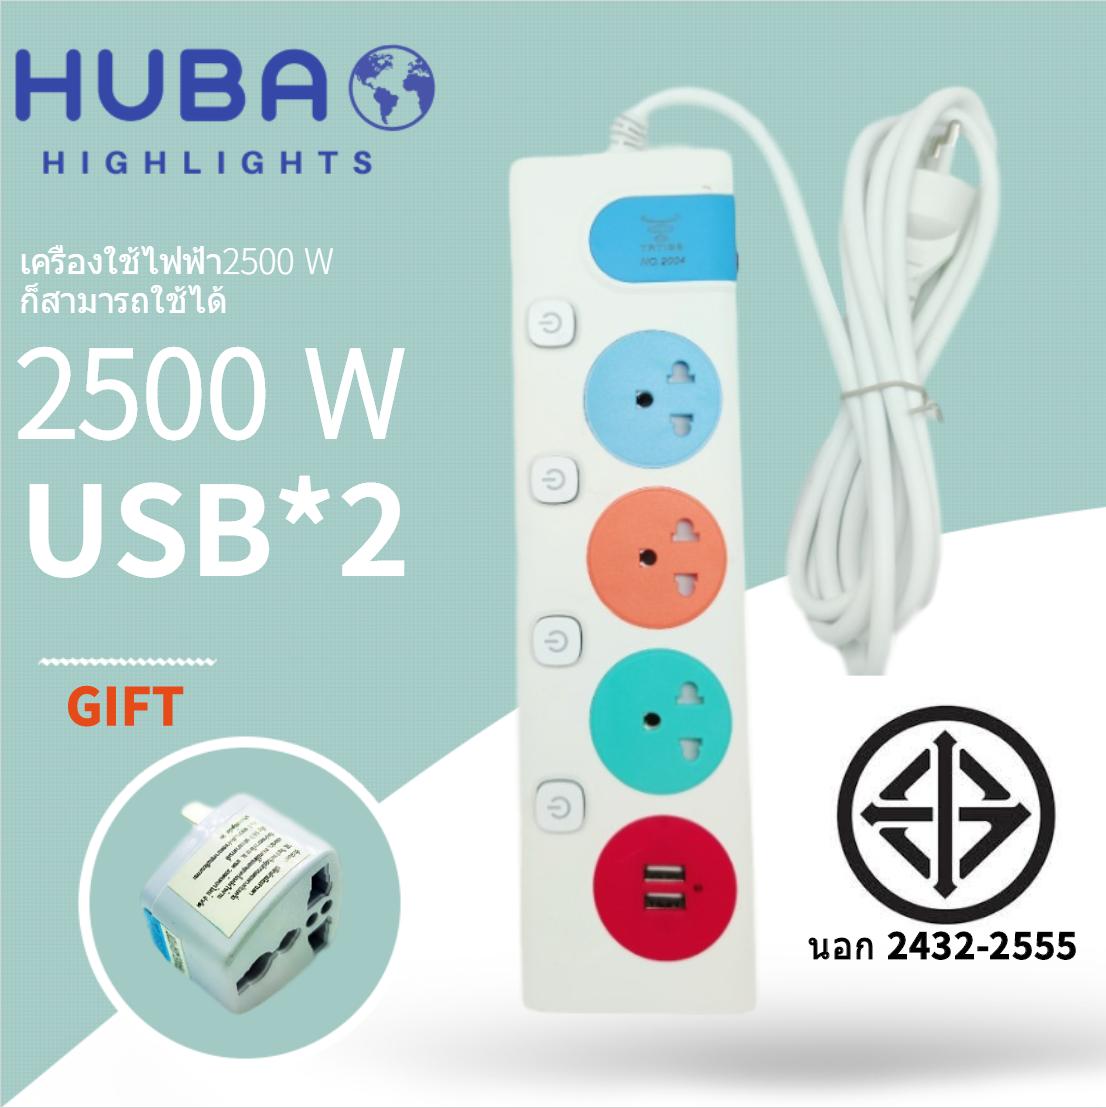 HUBAO ปลั๊กไฟ ปลั๊กไฟ3ตา4ช่อง2USB 2500W 15A จัดส่งใน2-5 วัน รองรับเครื่องใช้ไฟฟ้ากำลังสูง